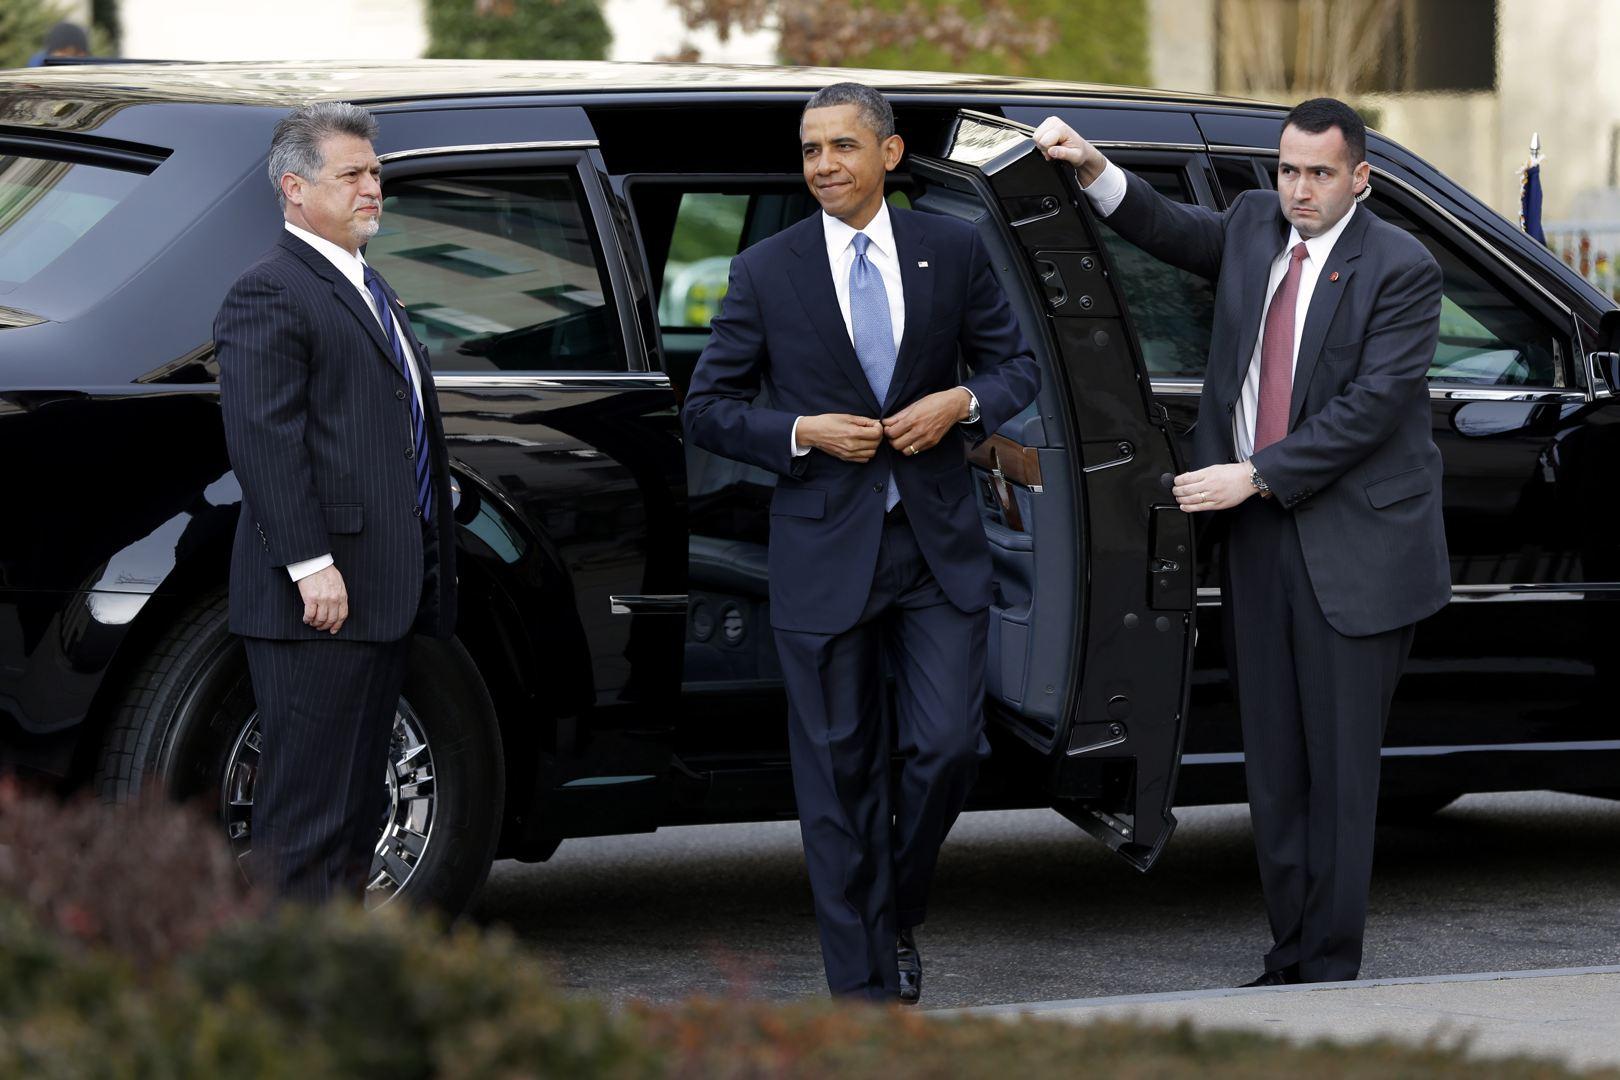 Obama Bad President Essay